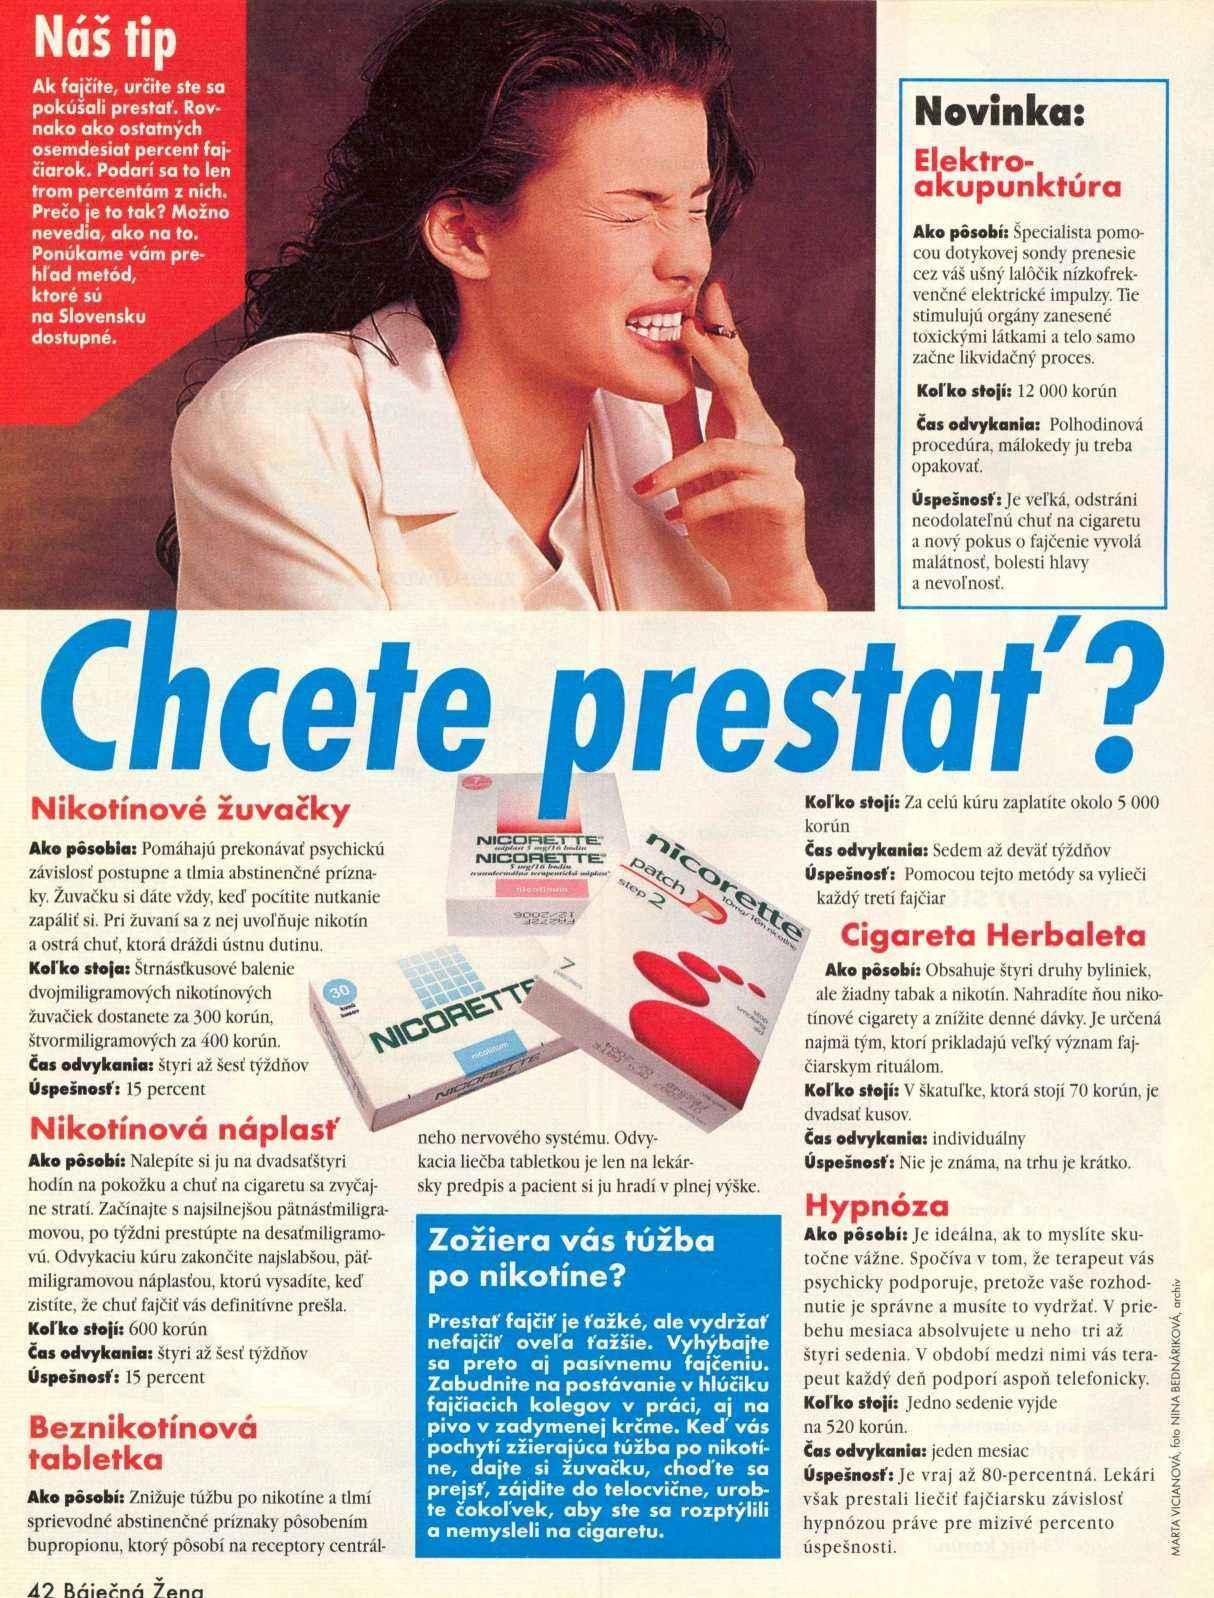 Zdravie: Chcete prestať fajčiť